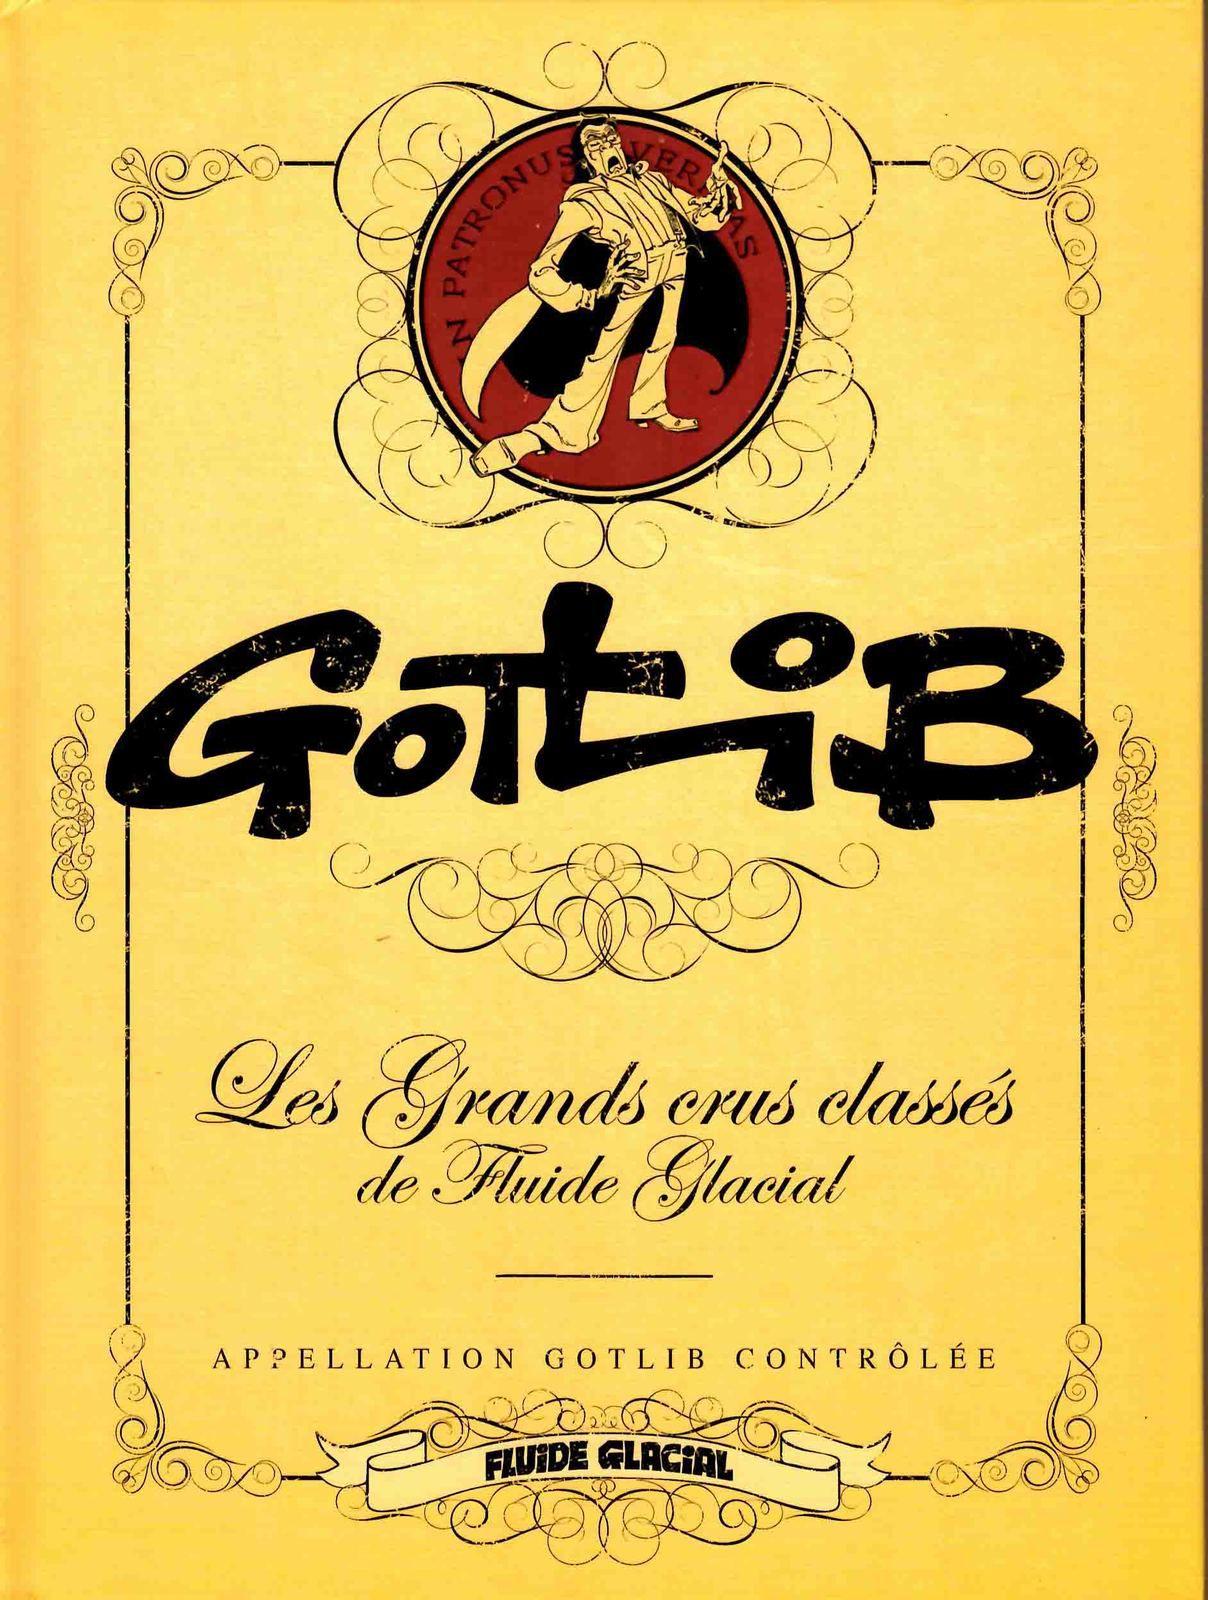 Appellation GOTLIB contrôlée,  un des grands crus classés de Fluide Glacial à consommer sans modération !